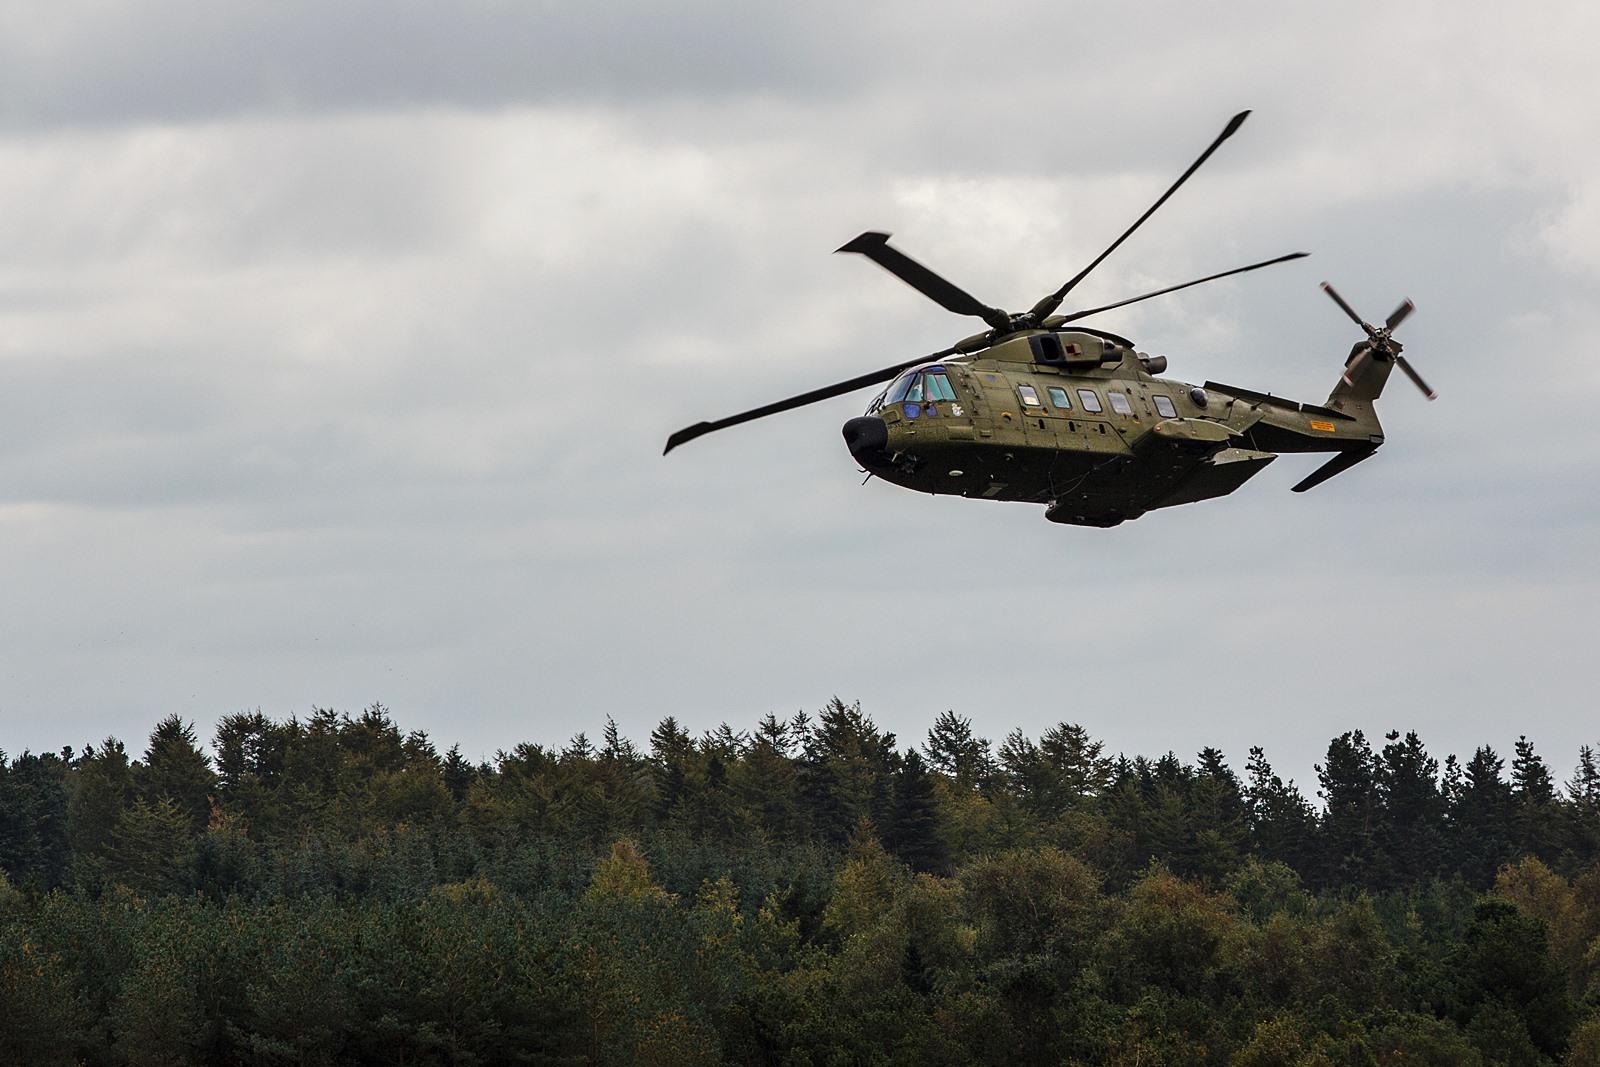 2013년도 Security Course 참가 덴마크공군 Agus..